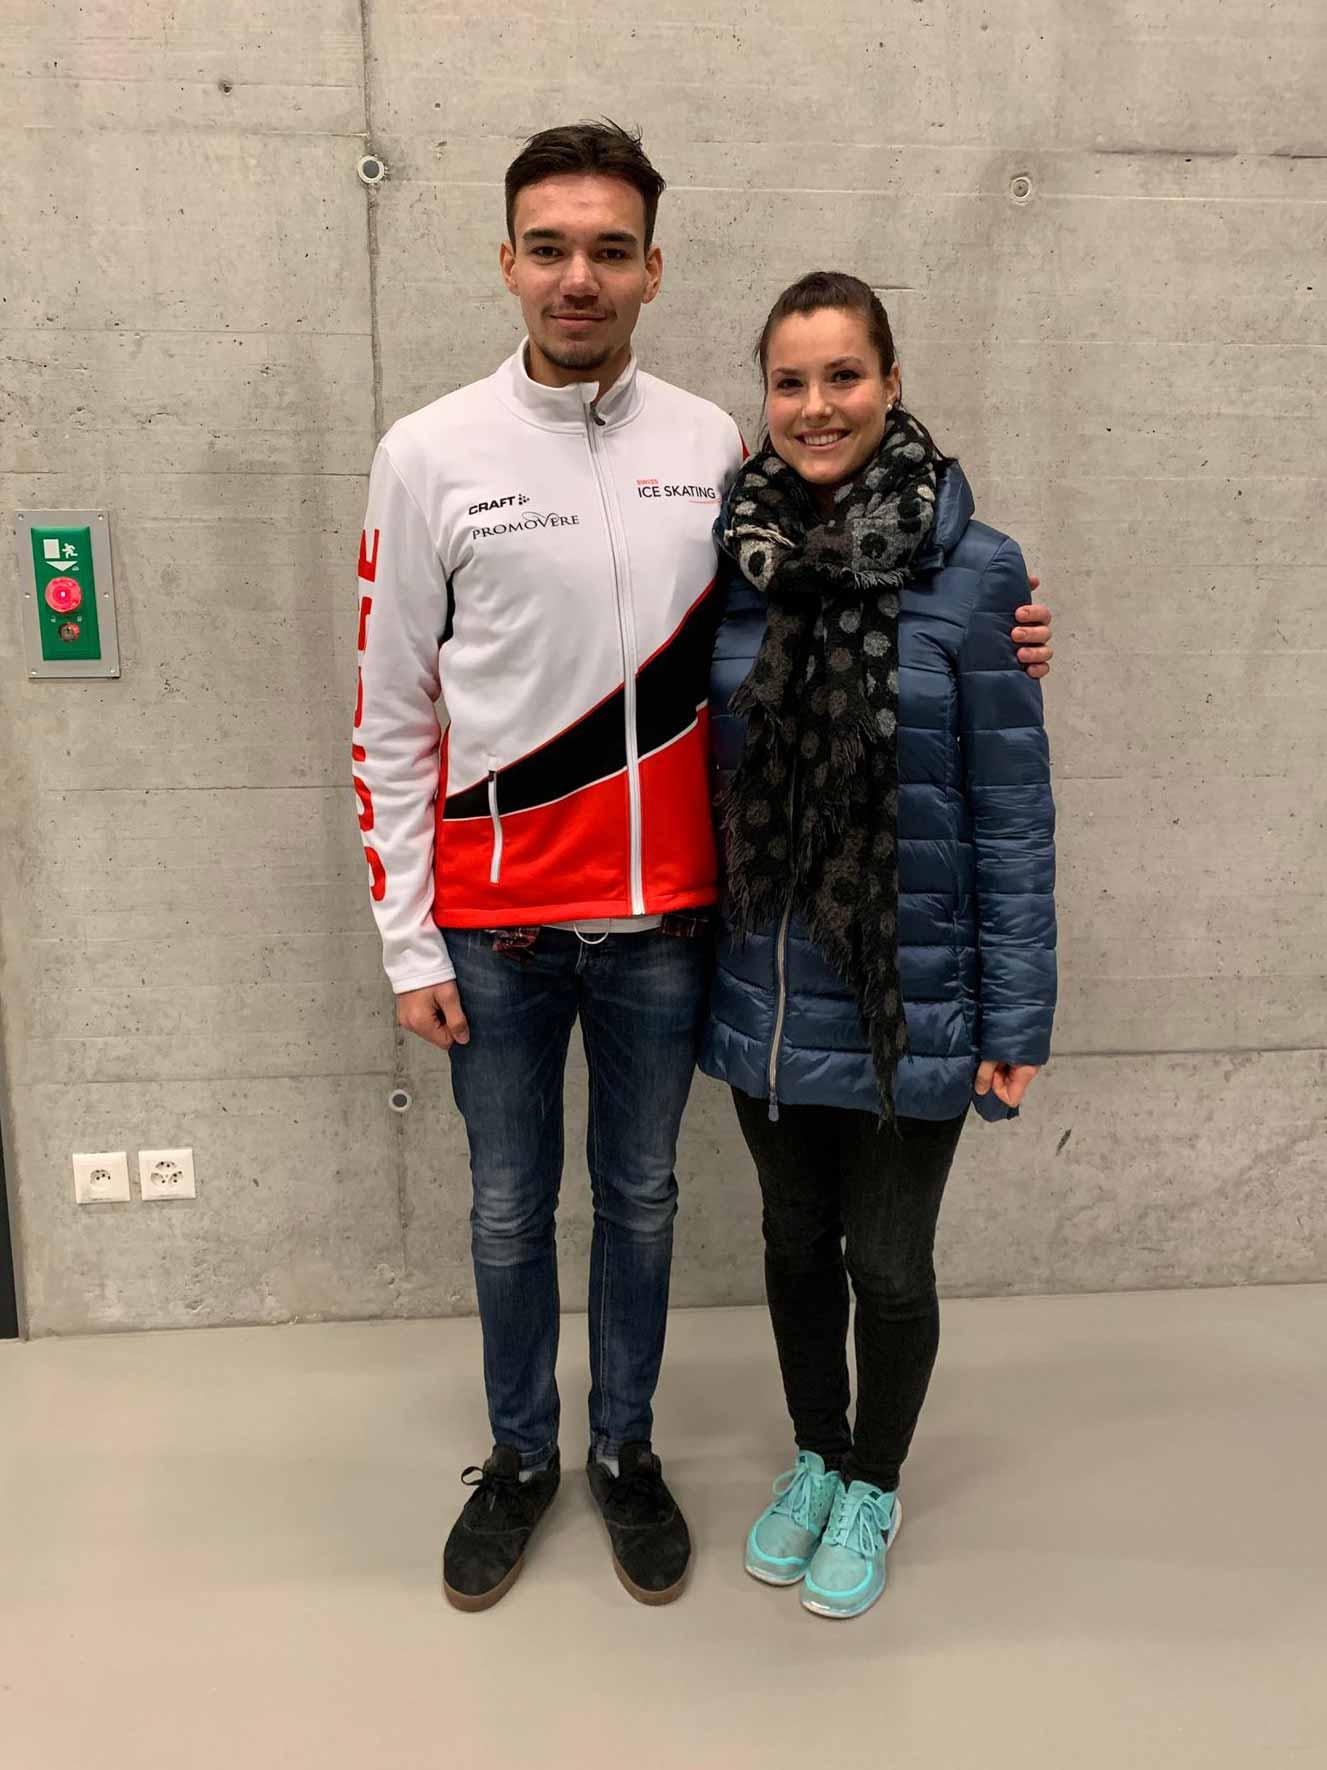 Zwei Glarner bei den Schweizermeisterschaften: Maxim Kobelt & Zora Largo.